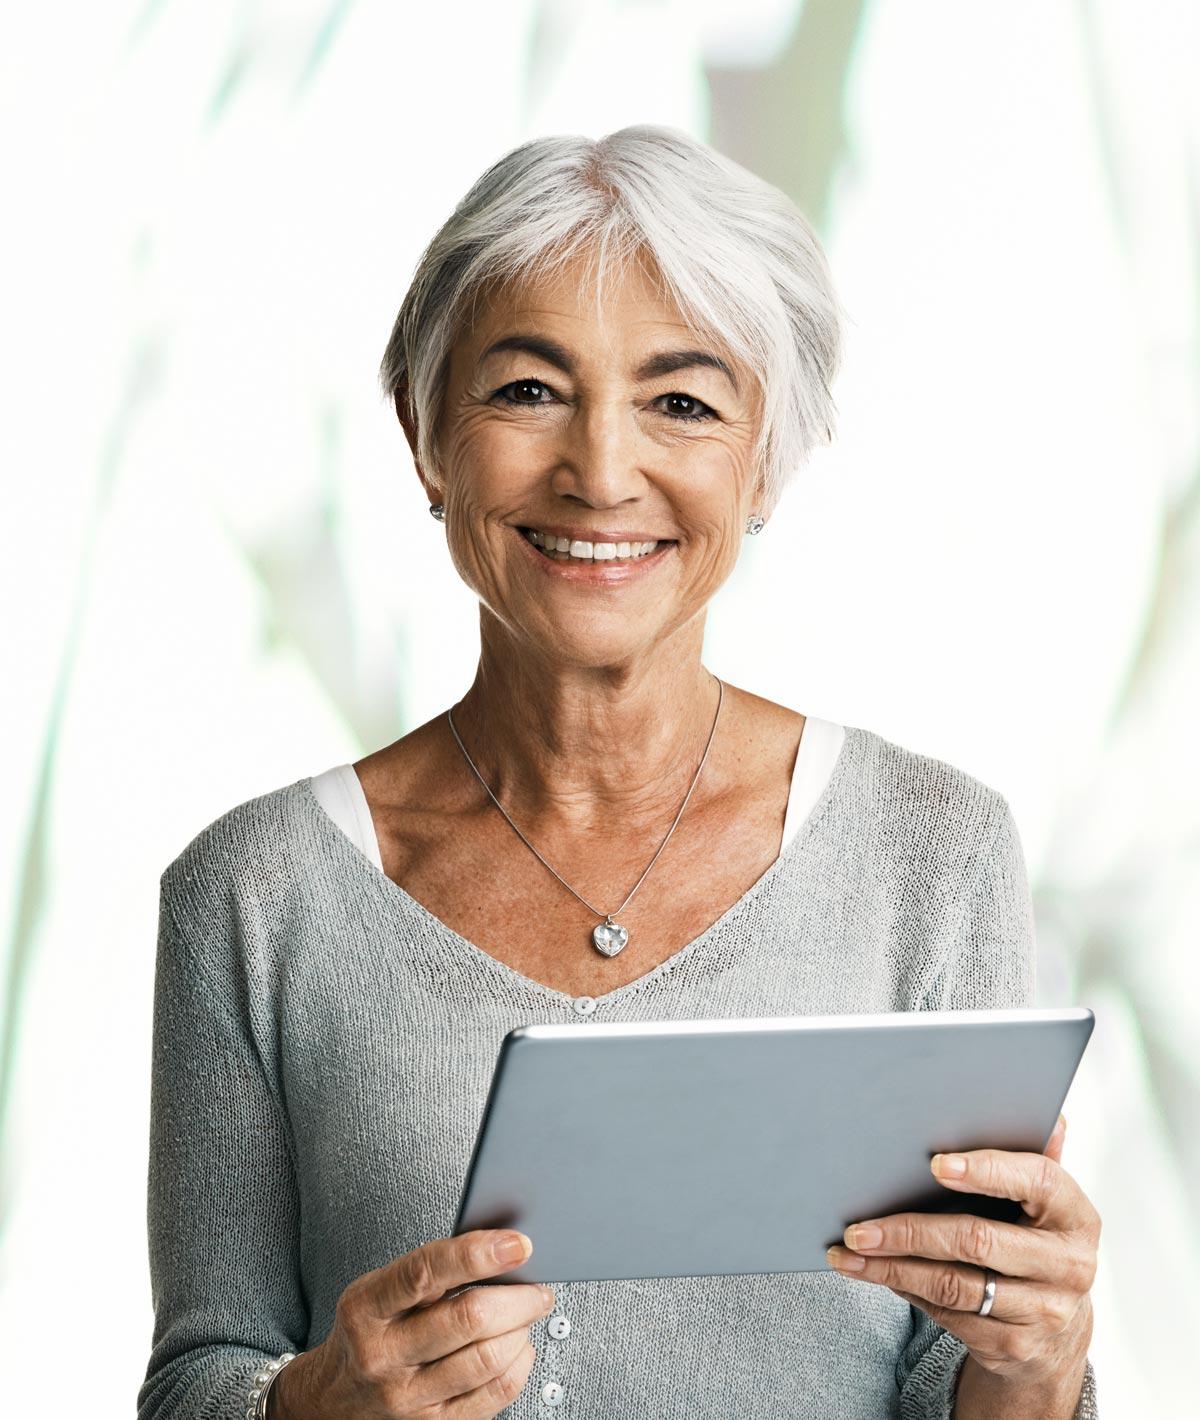 Senior Woman on Digital Tablet